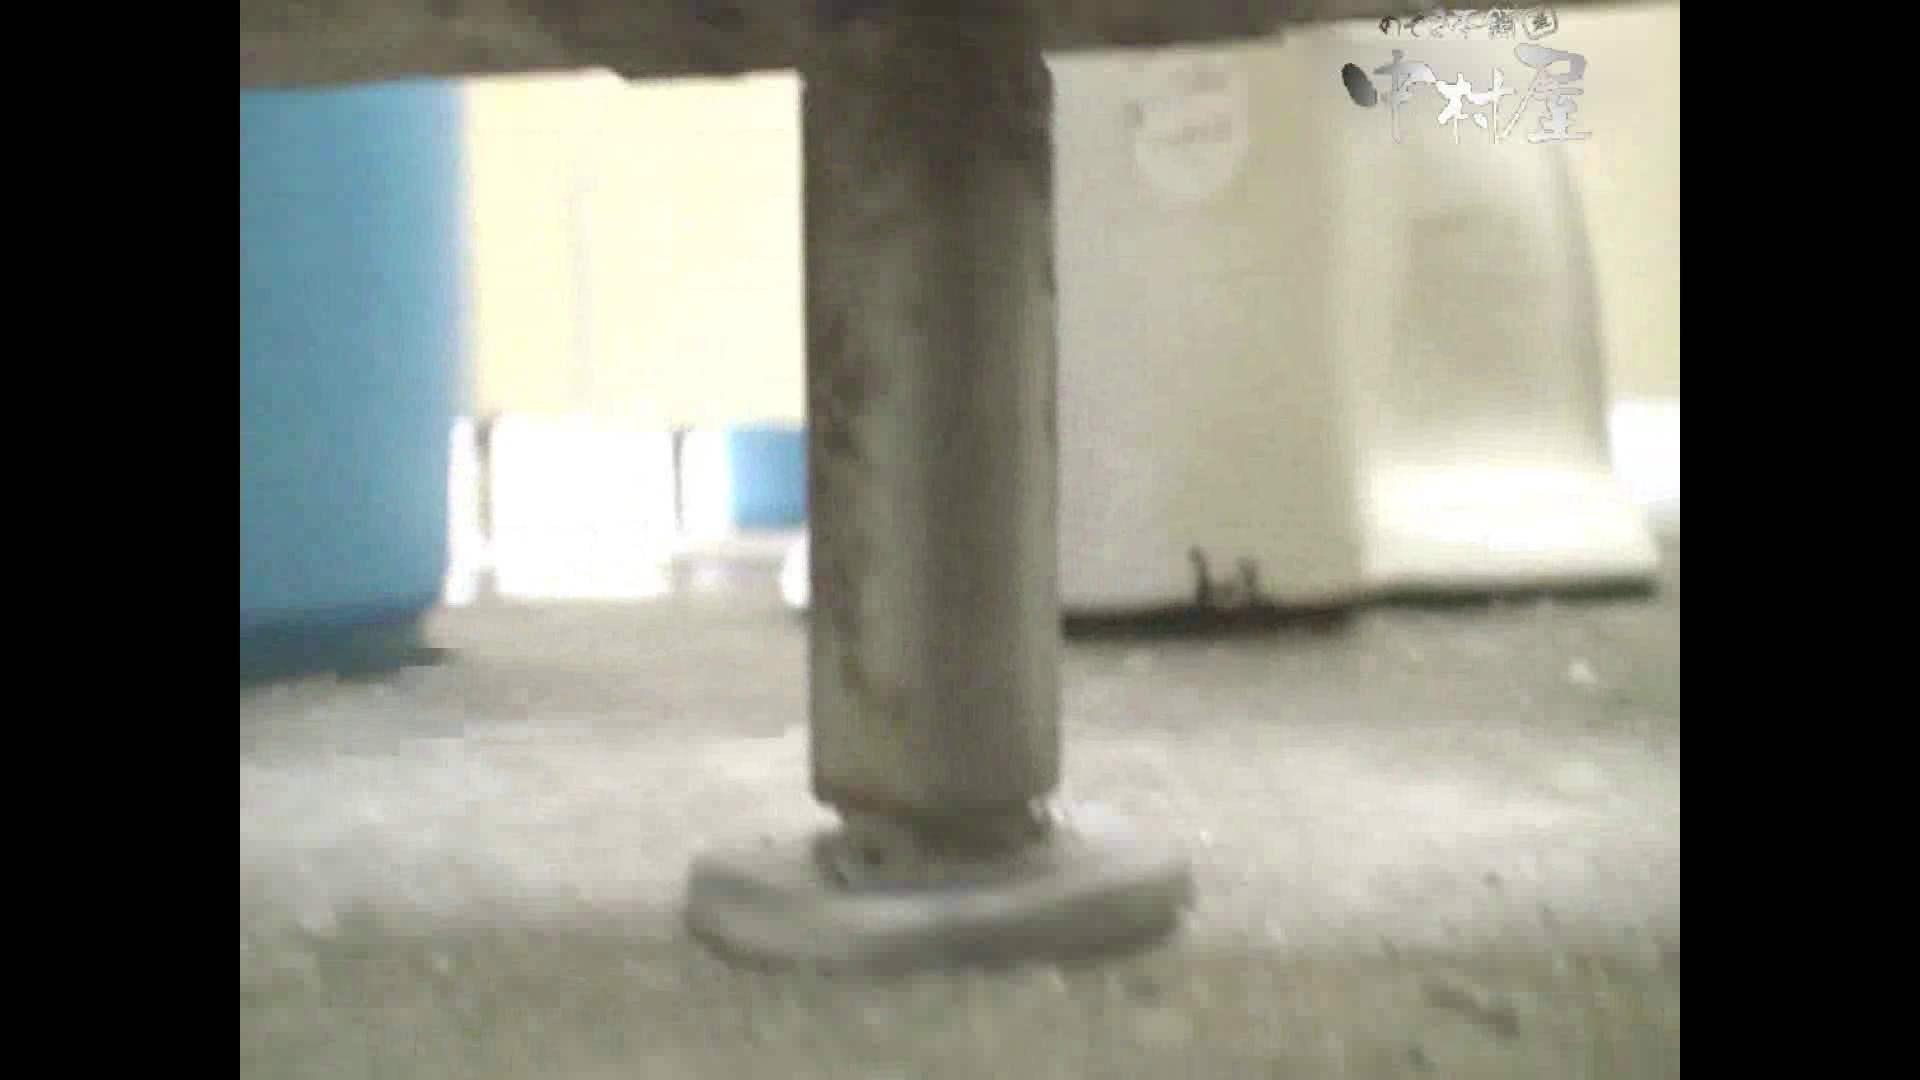 岩手県在住盗撮師盗撮記録vol.16 OLセックス のぞき濡れ場動画紹介 72画像 62